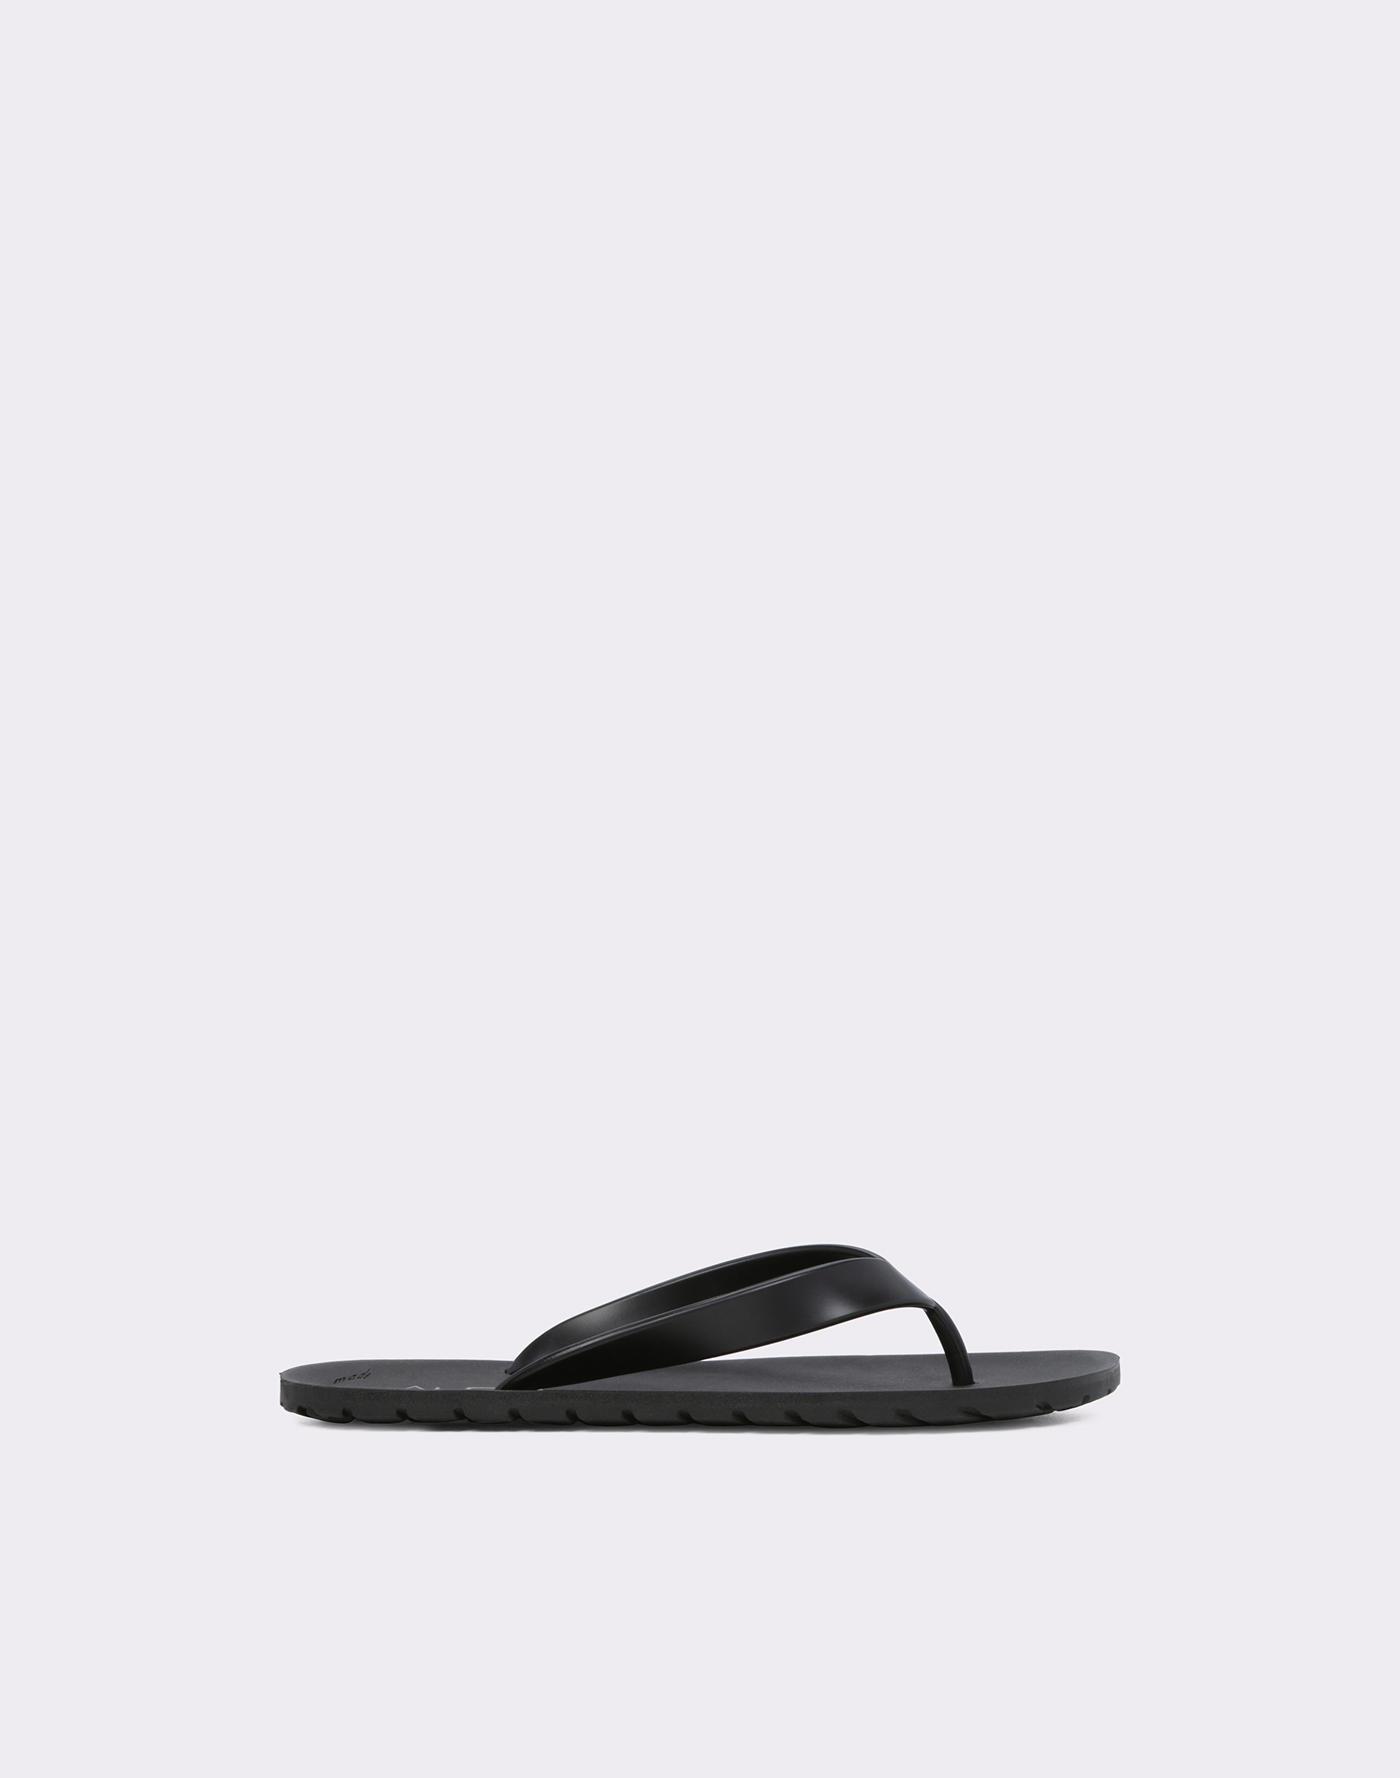 5ebbd52efbde7 Sandals